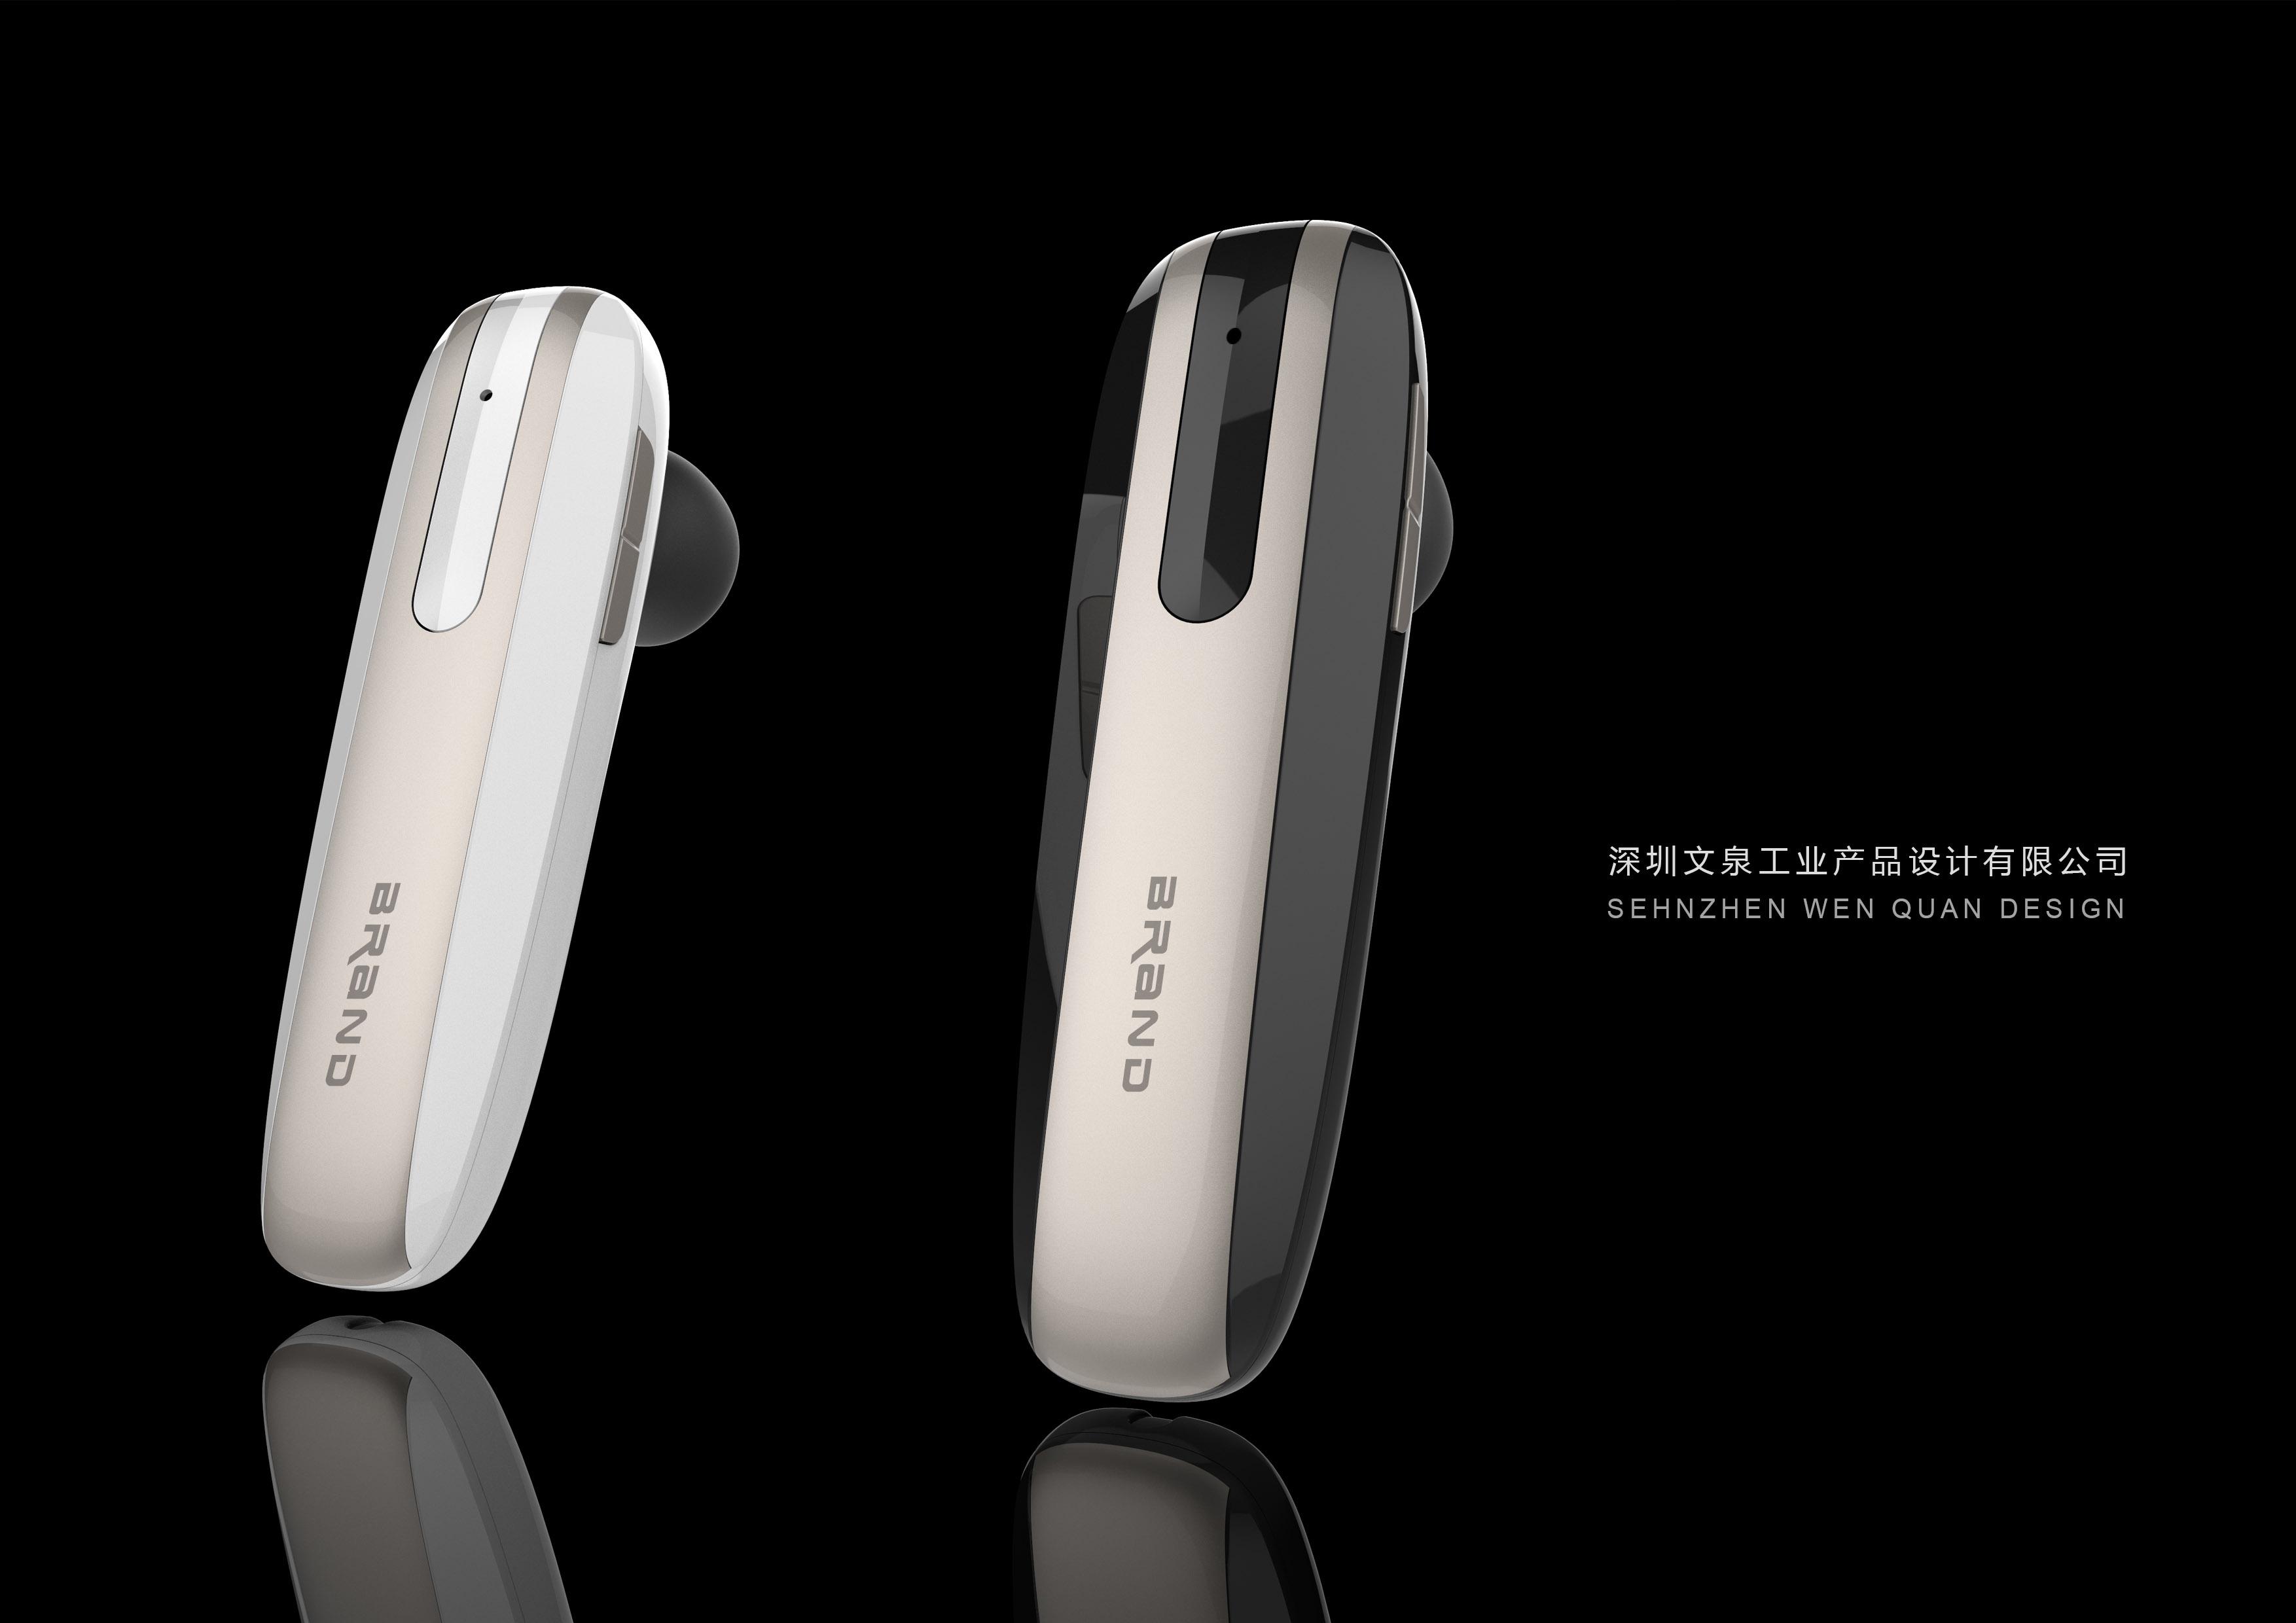 蓝牙耳机_产品设计-来设计